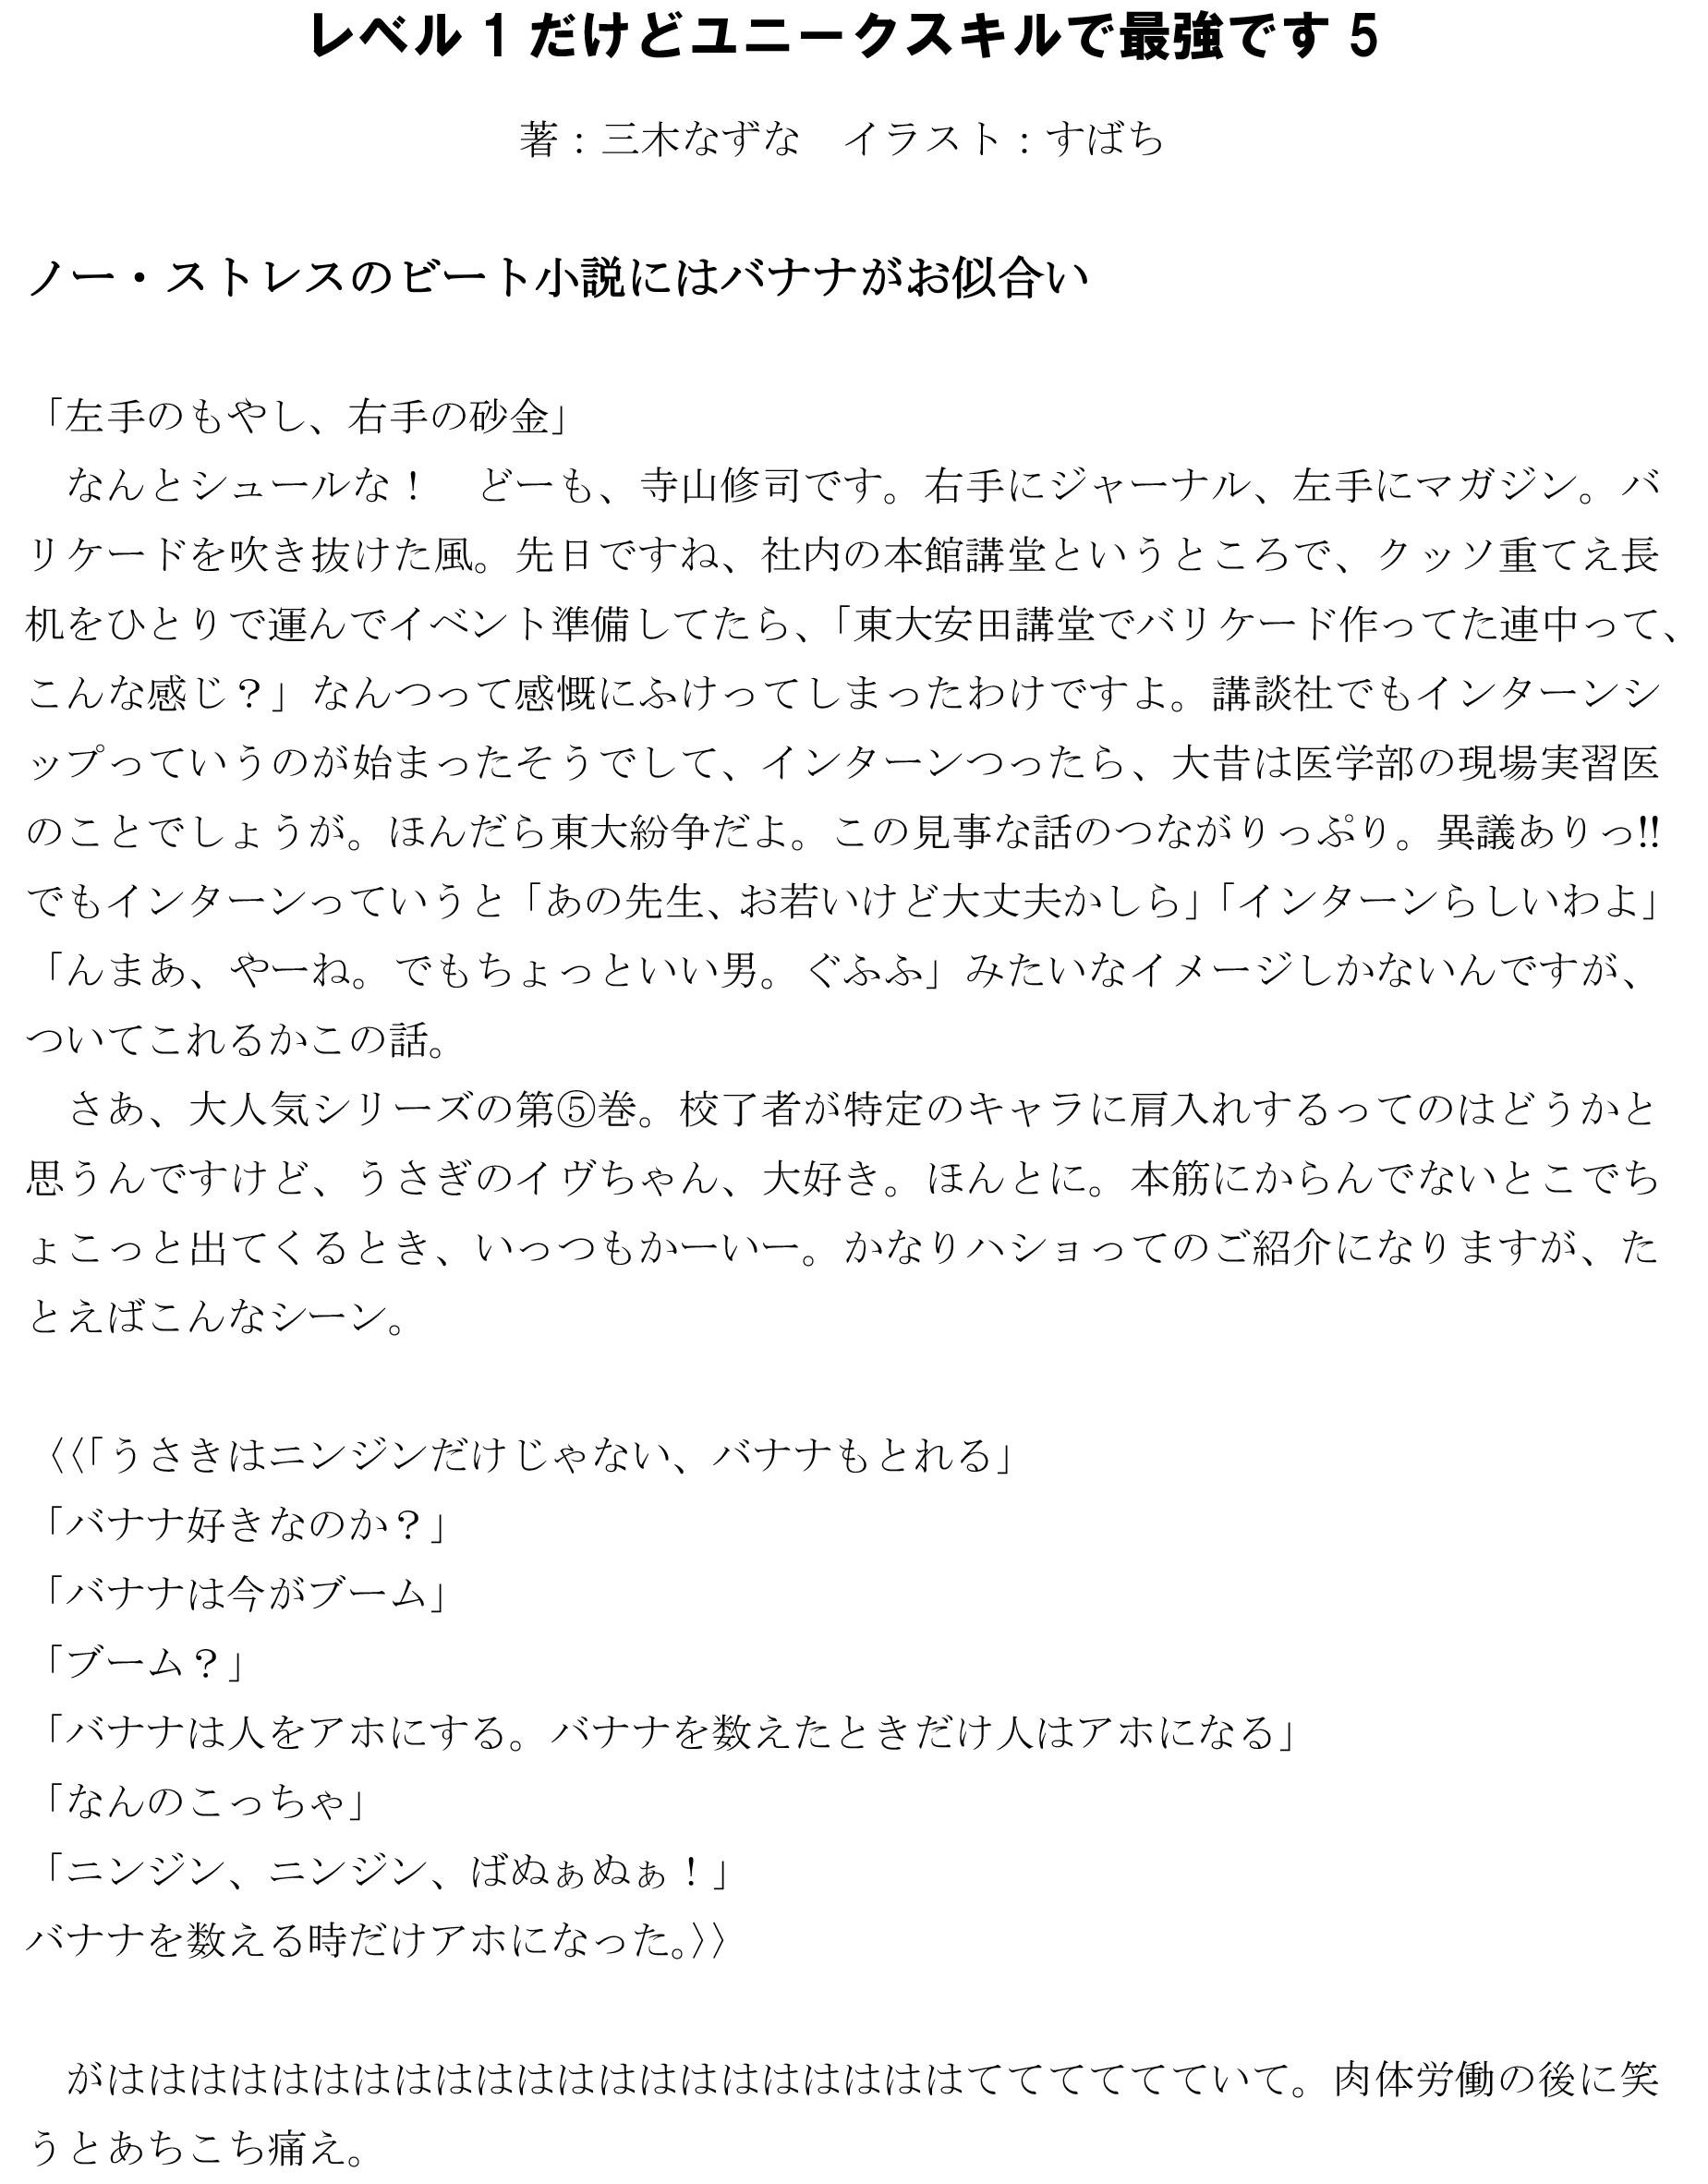 【レベル1_5】